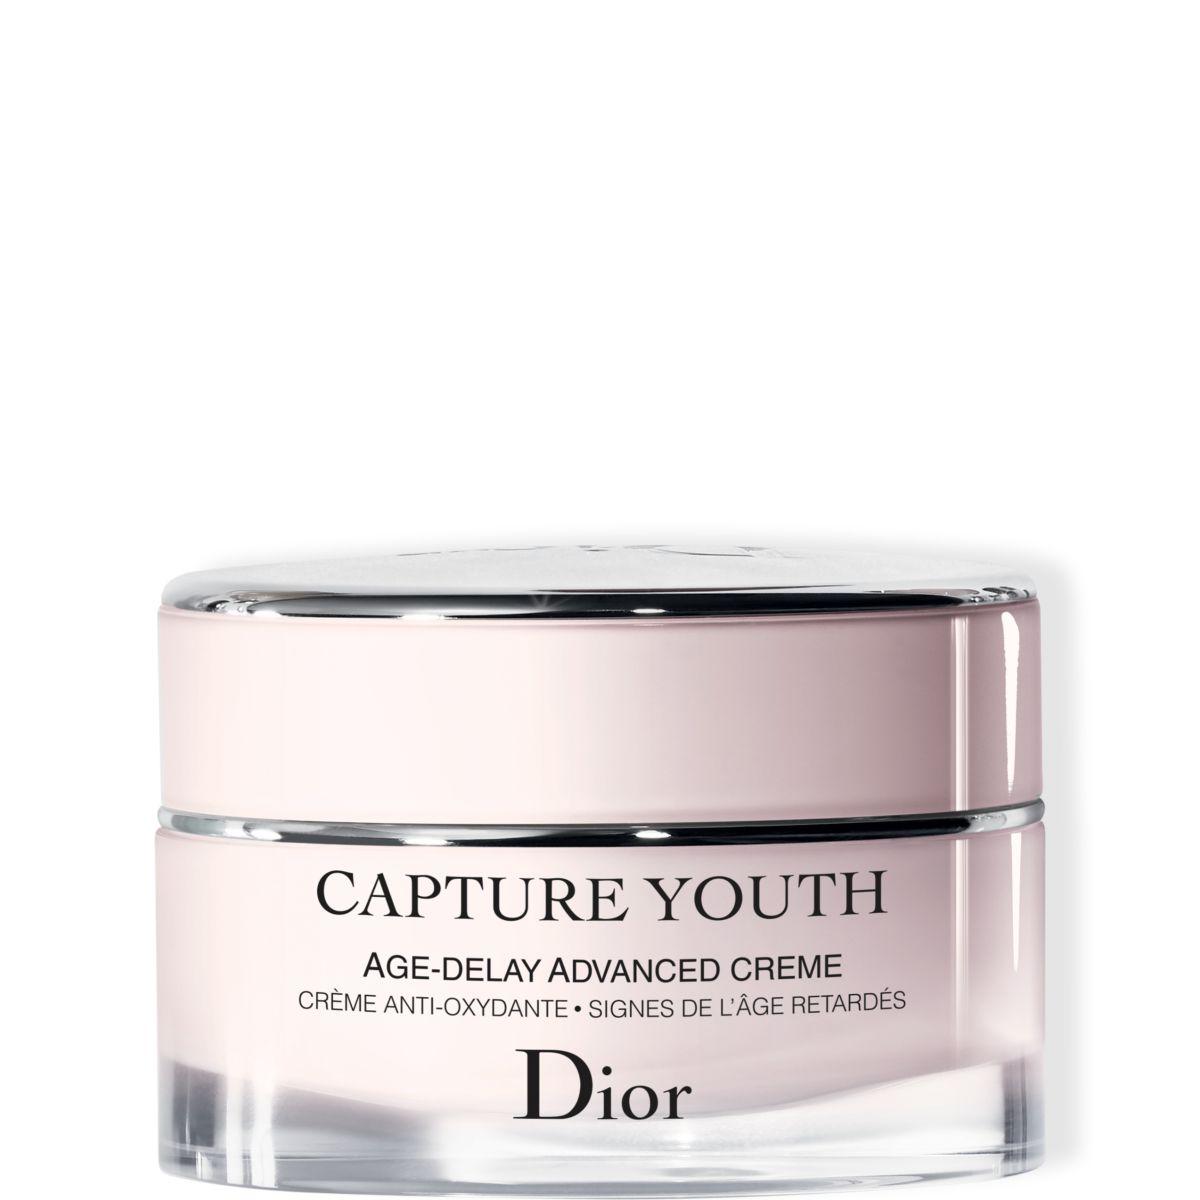 Dior - Capture Youth - Crème anti-oxydante - Signes de l'âge retardés